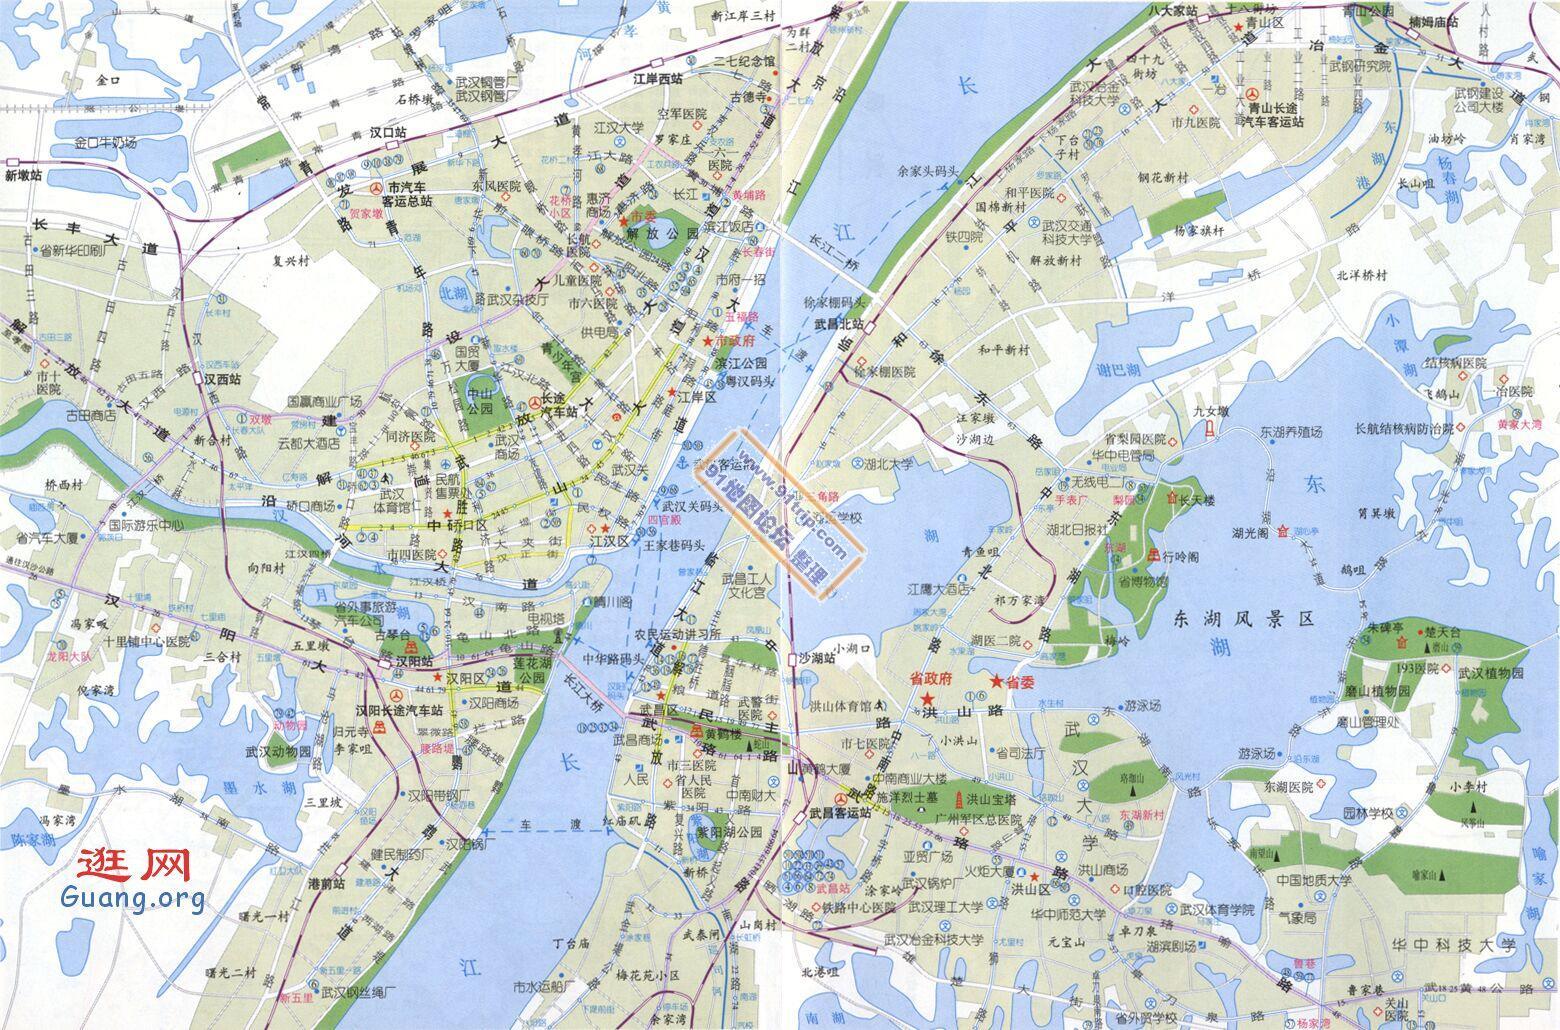 武汉地图全图 武汉地图全图高清版 自驾游电子地图